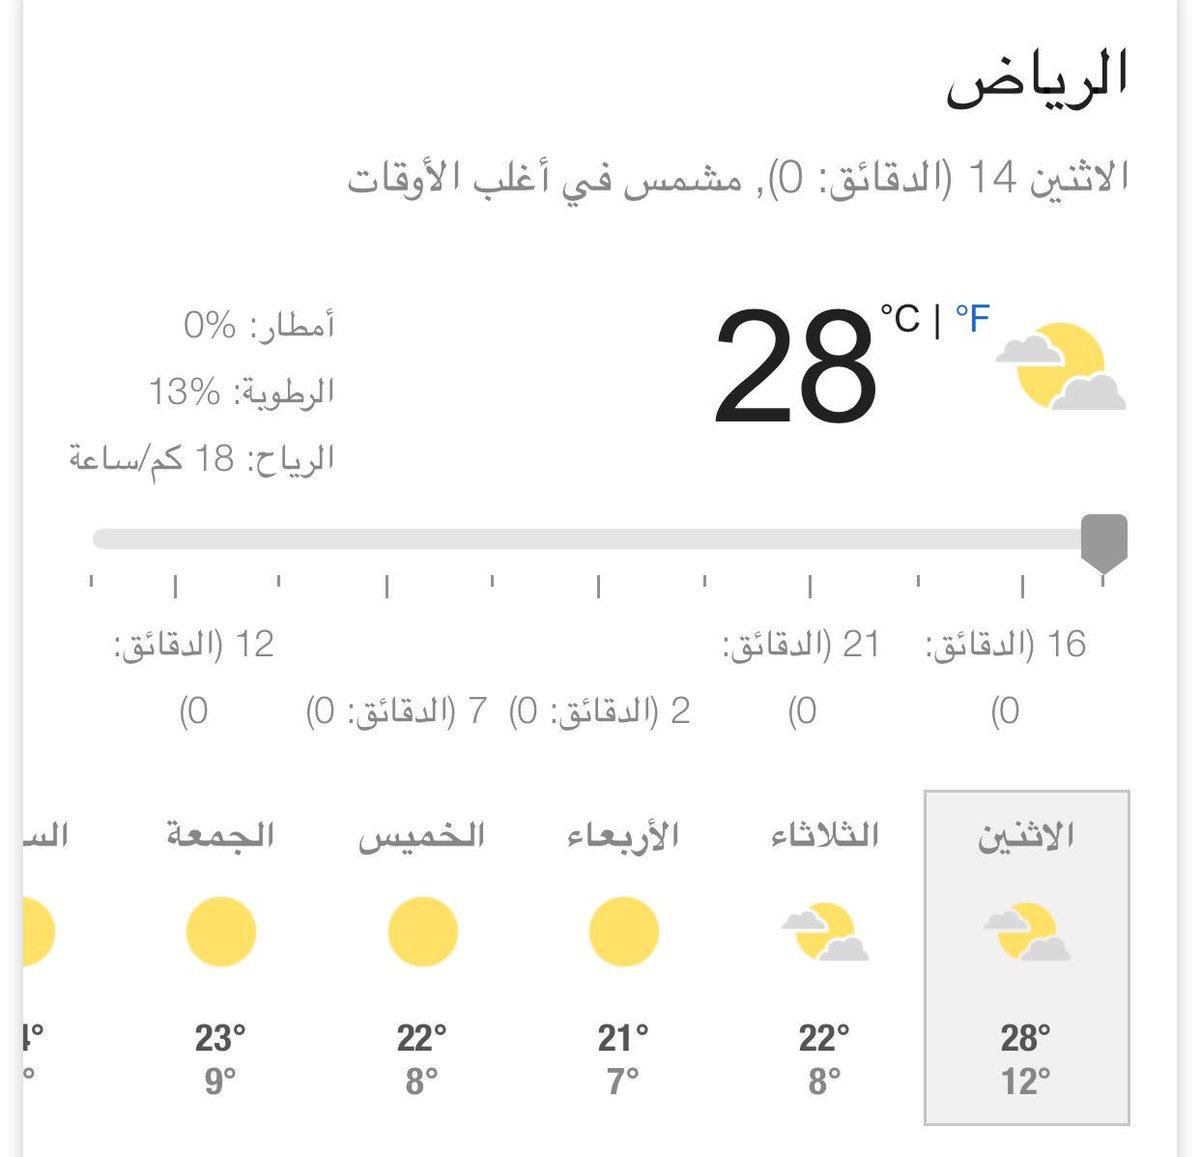 المكشاتي On Twitter درجة الحرارة الآن على الرياض 28 درجة وأجواء دافئة وموجة البرد الآن تعبر الحدود الشمالية وتتجه جنوبا تولموا بكره للبرد Https T Co Ylfc8xlrqx